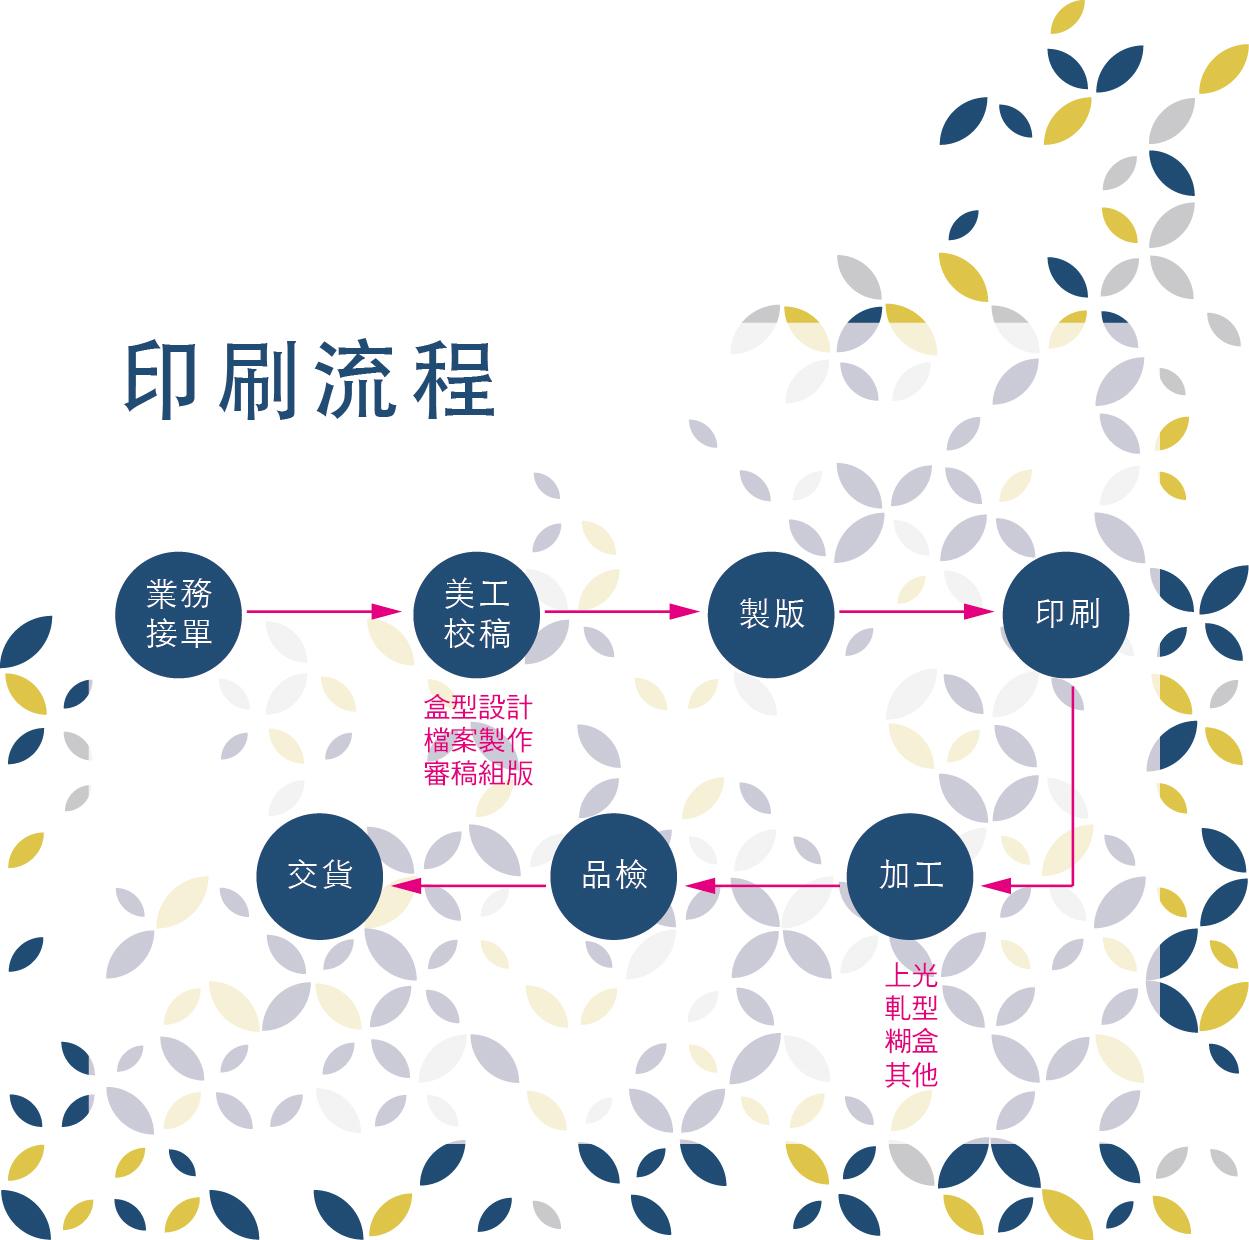 印刷流程.jpg